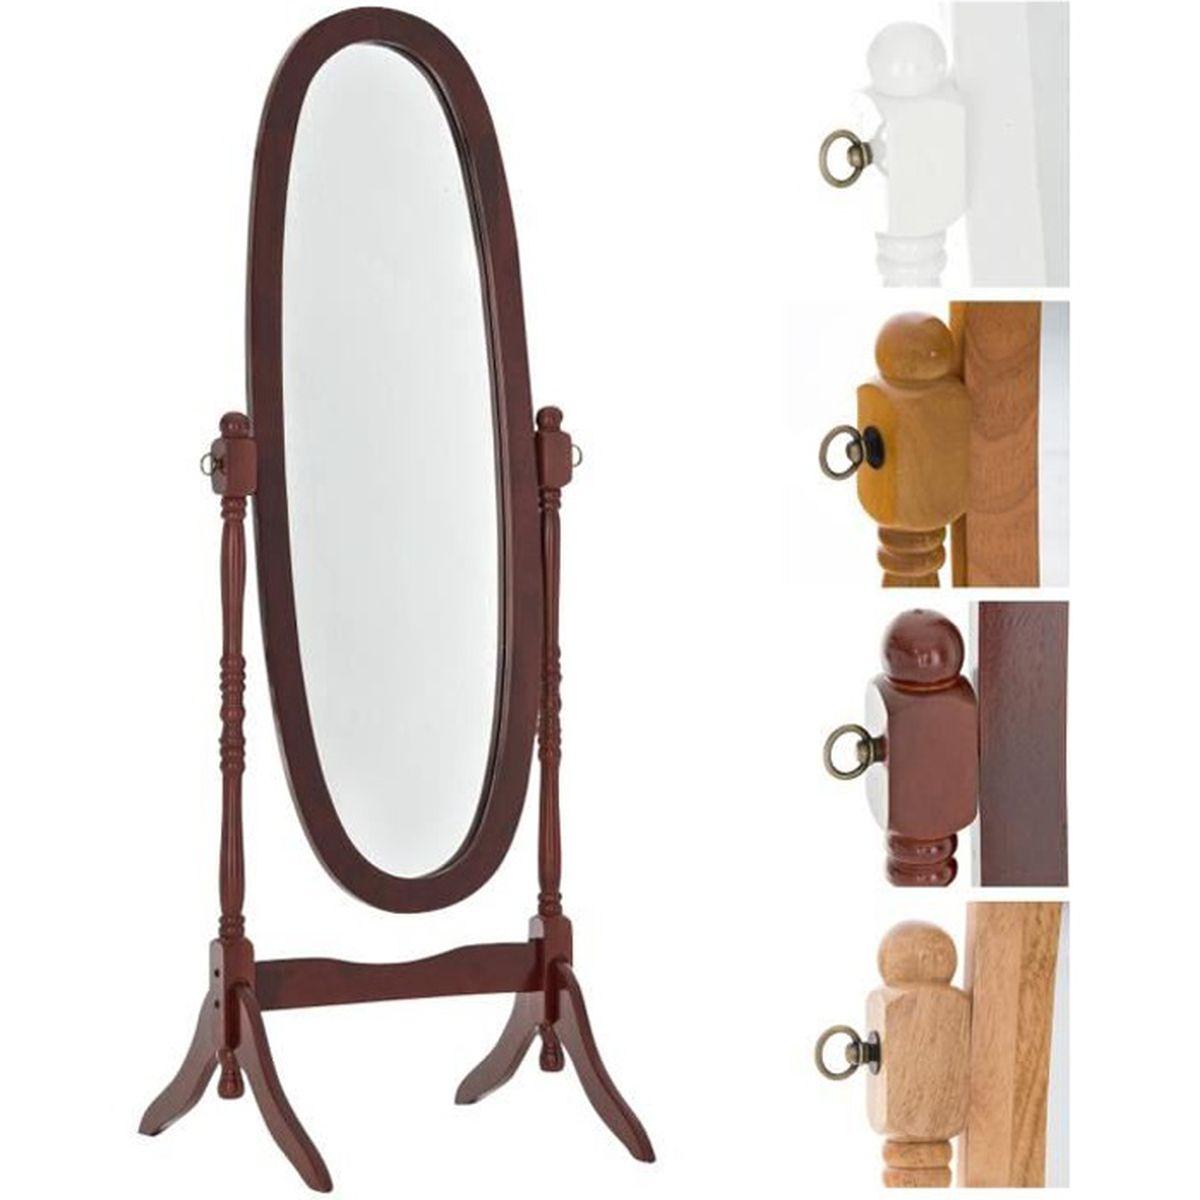 Miroir sur pied en bois achat vente miroir sur pied en for Miroir pied pas cher